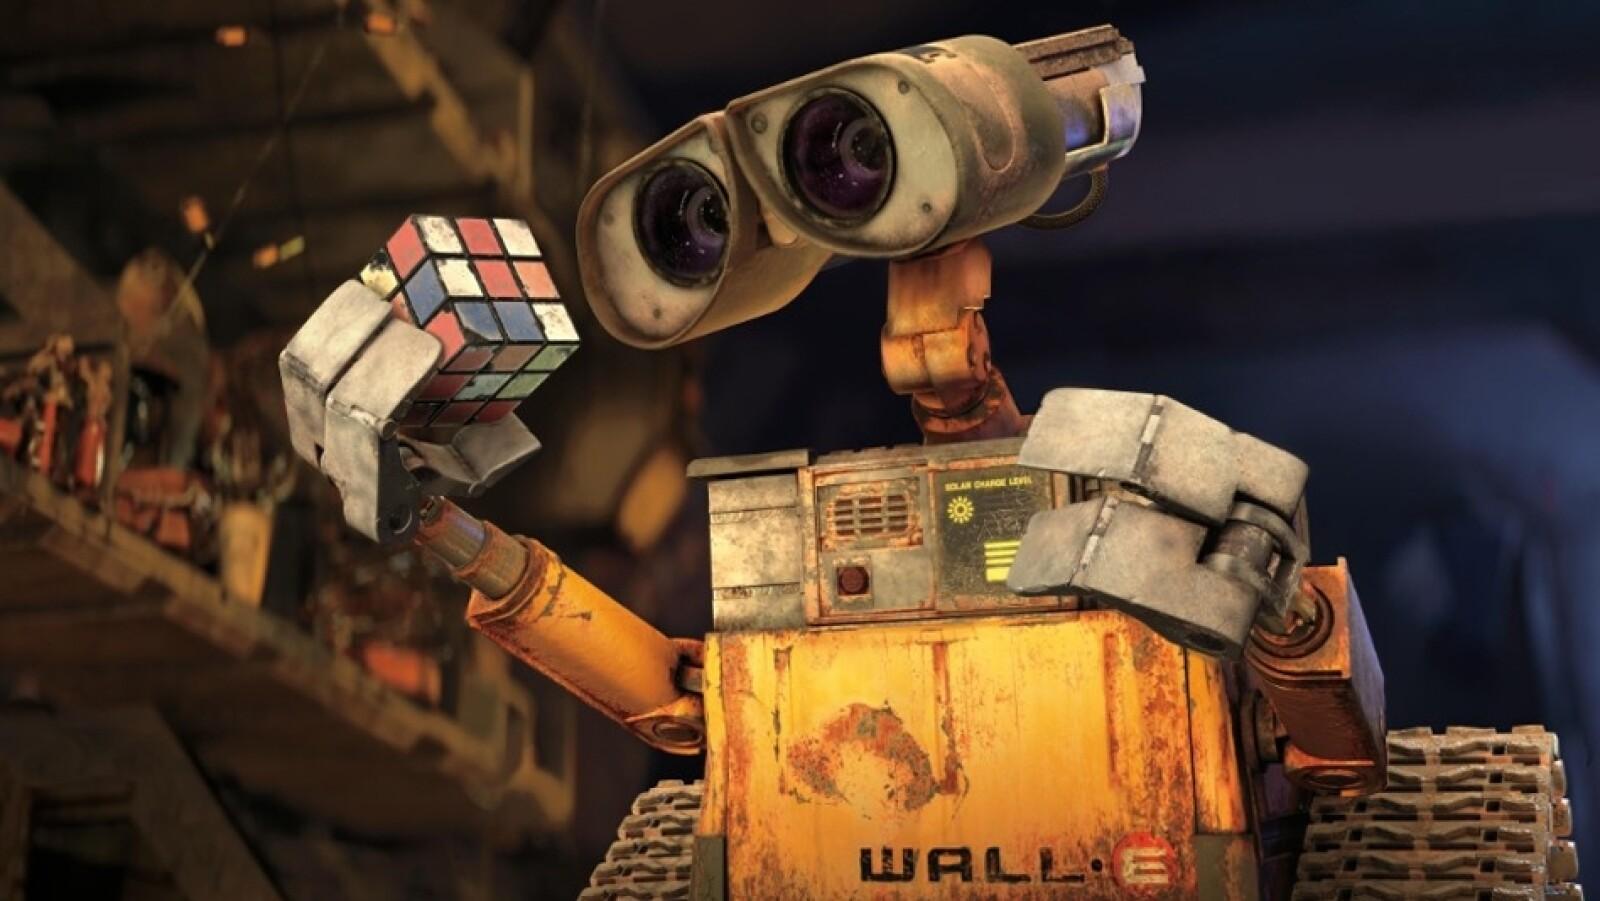 ?Wall-E? de 2008, ganó el Premio de la Academia a Mejor Película Animada